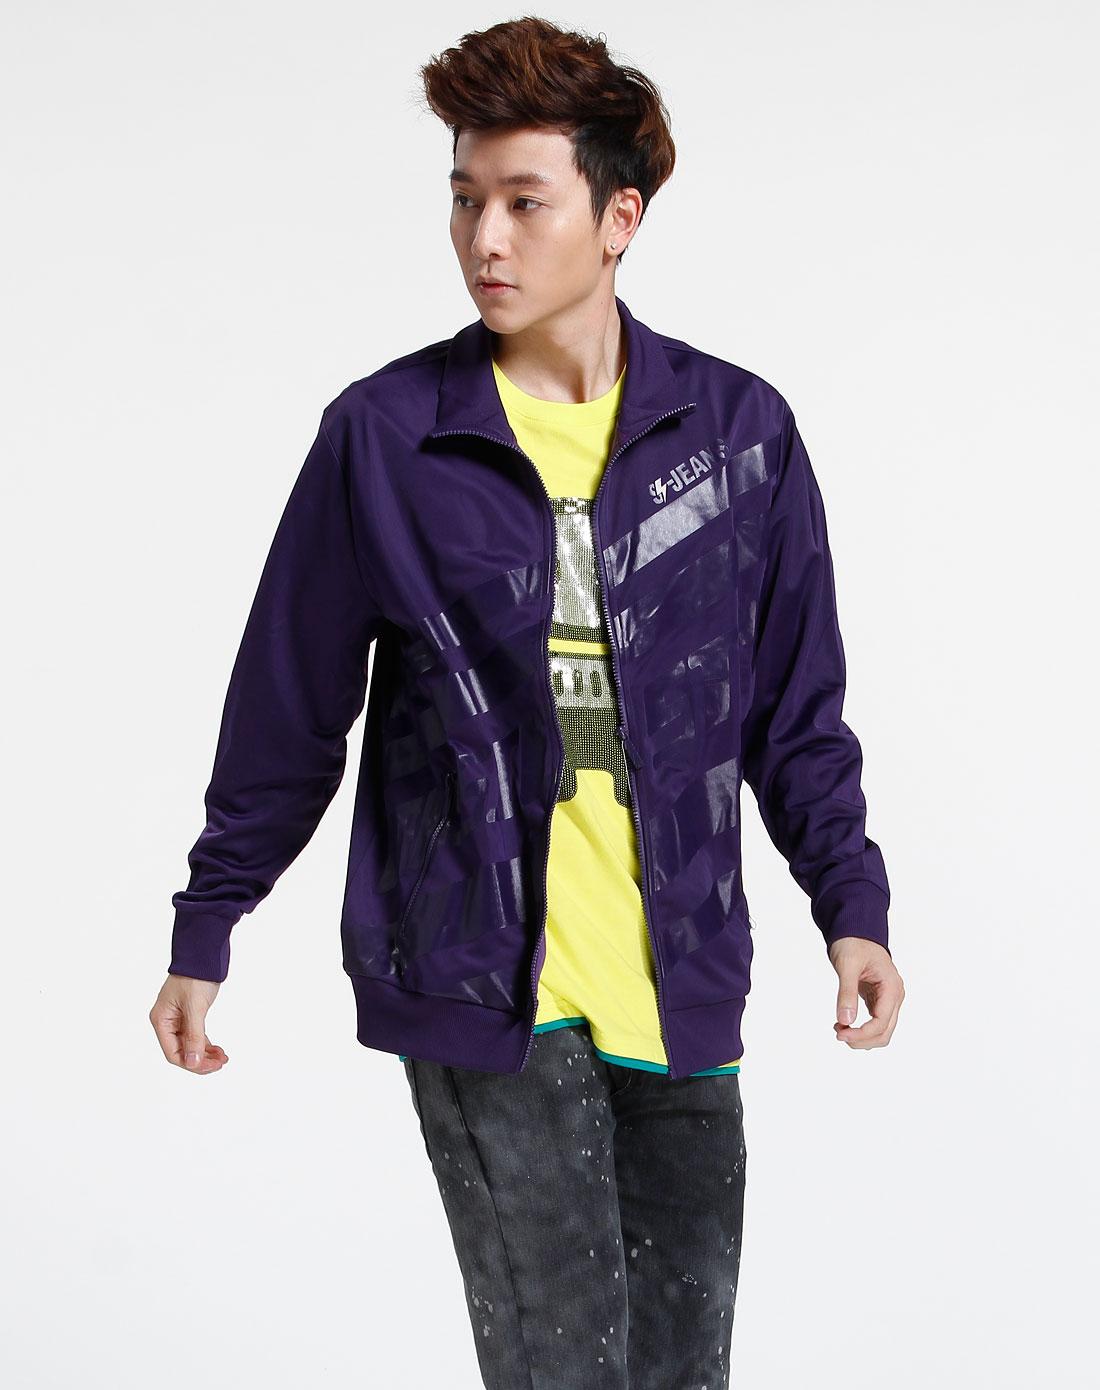 森马男装专场-紫色长袖时尚外套图片